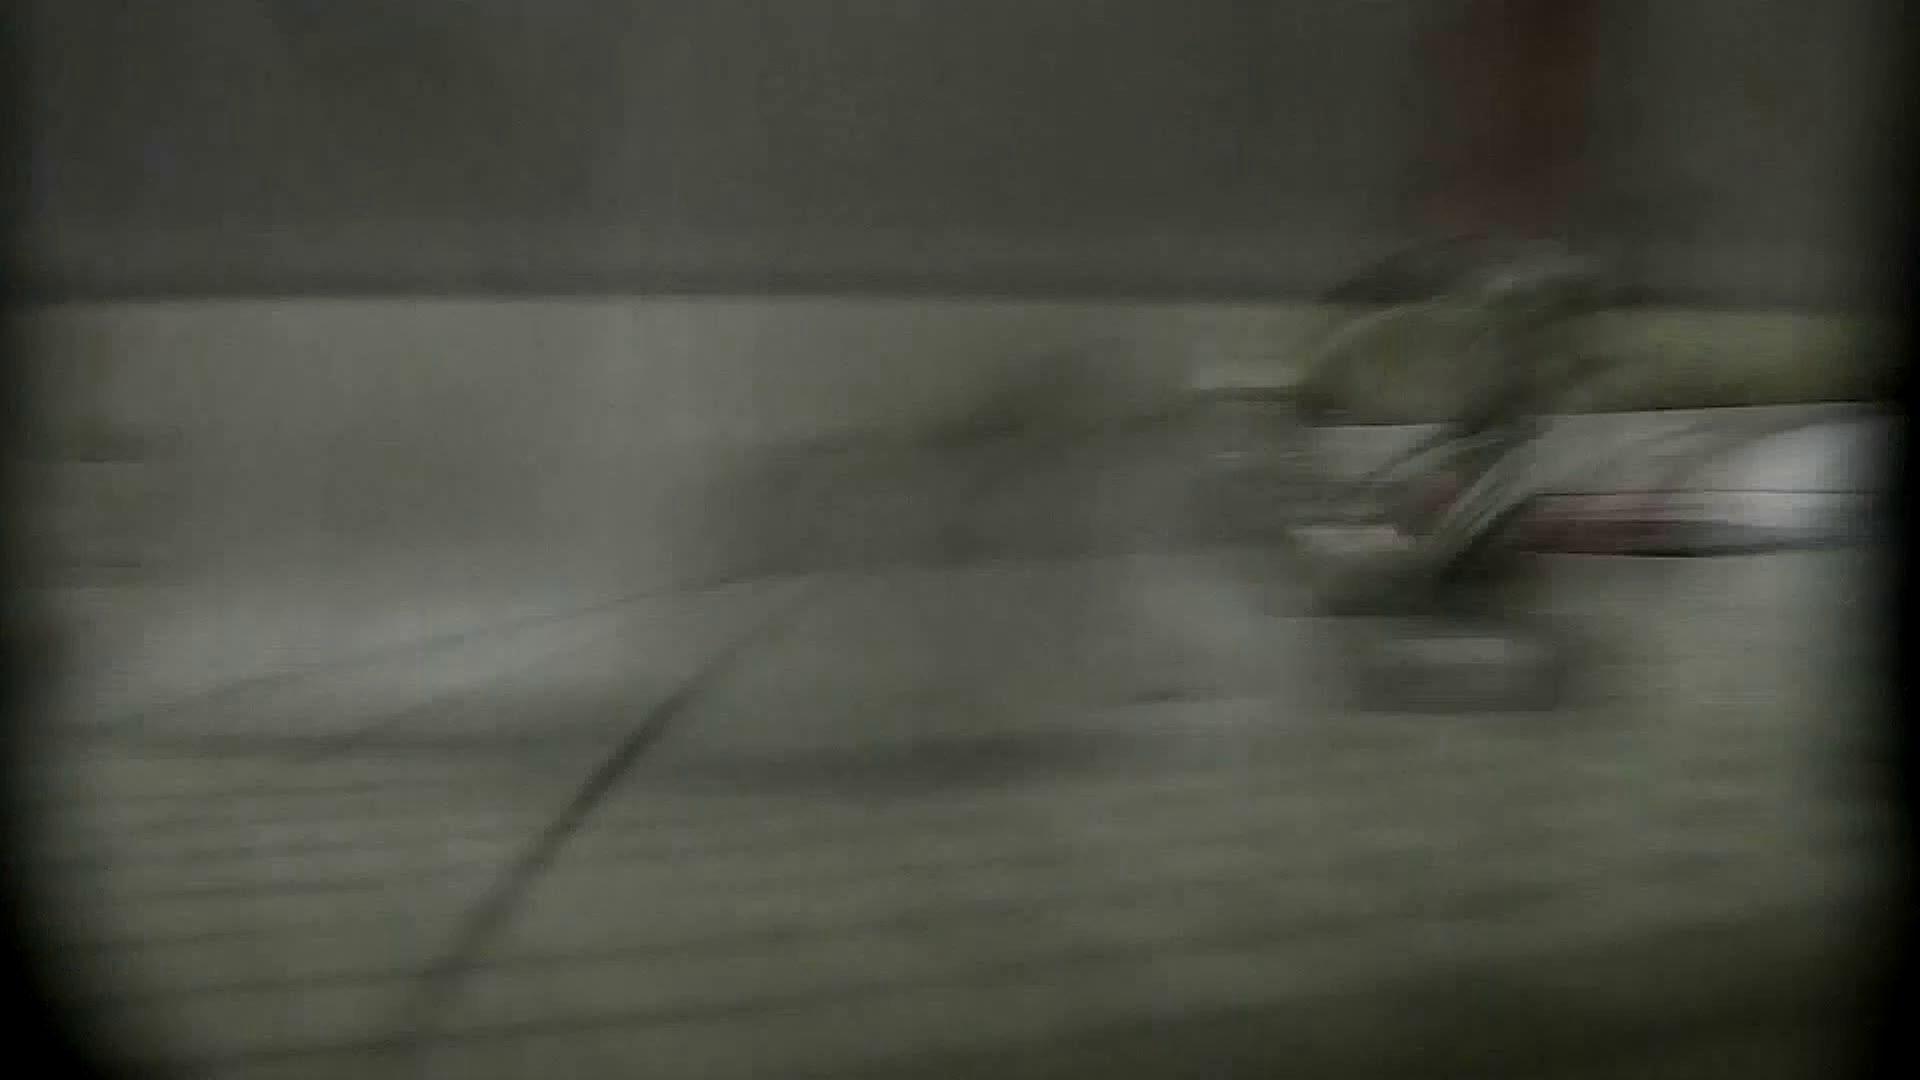 洗面所特攻隊 vol.X さらば!!特攻隊。【2015・08位】 洗面所   OL女体  64連発 27